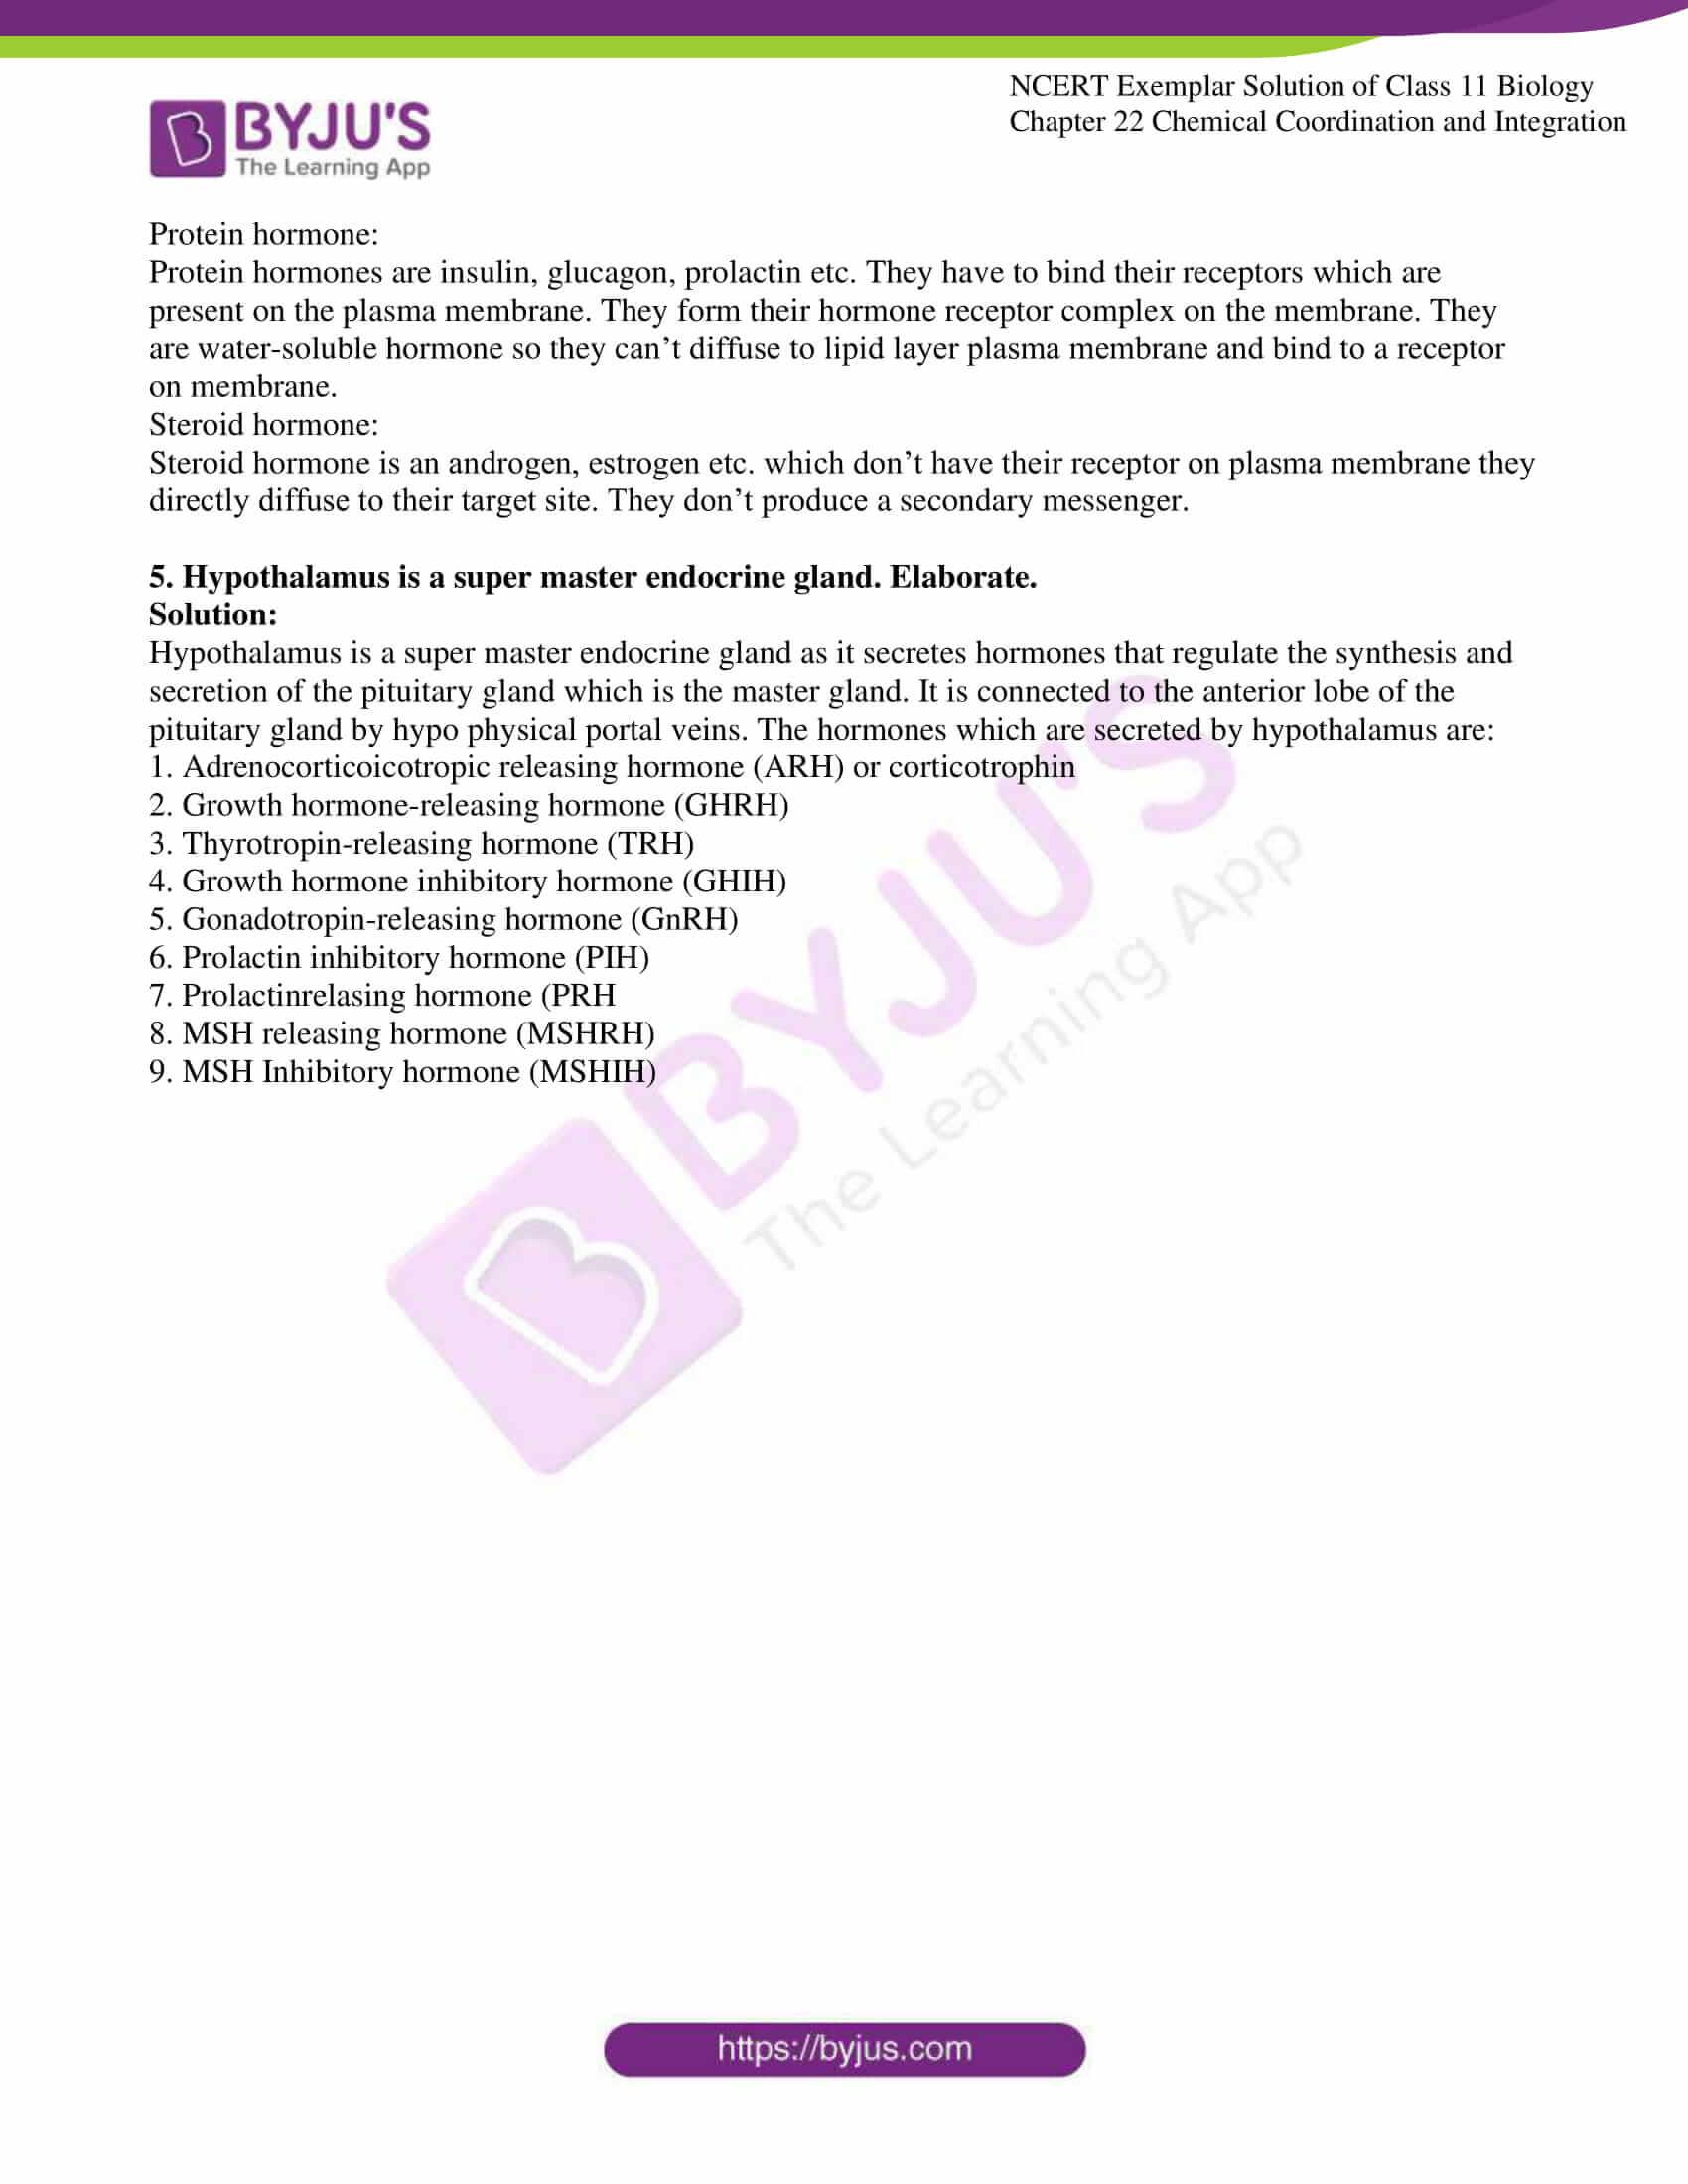 ncert exemplar solutions class 11 biology chapter 22 8